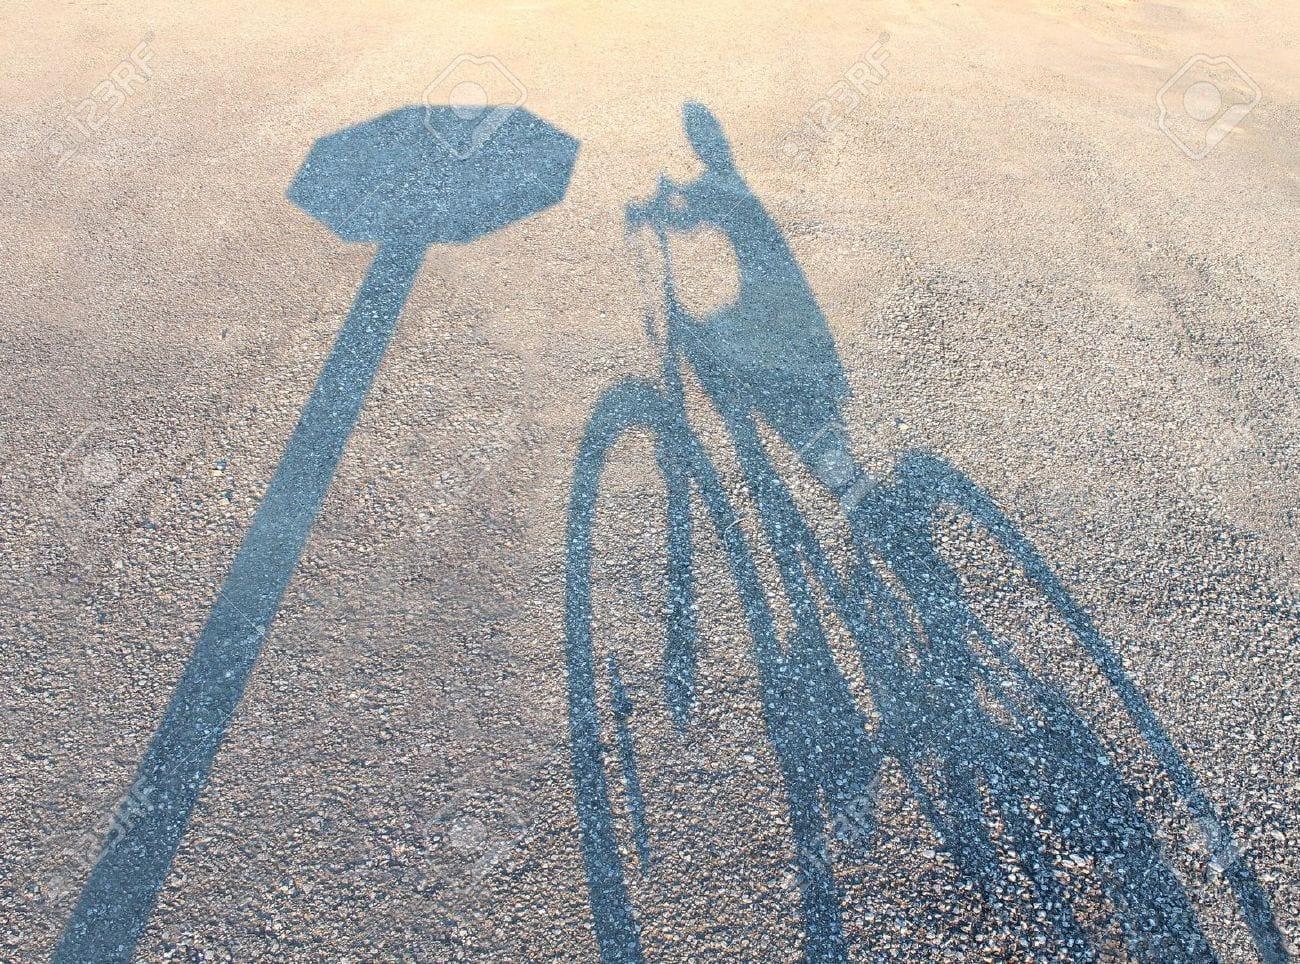 21971118-seguridad-de-bicicletas-y-el-concepto-de-seguro-de-accidentes-con-la-sombra-de-un-ni-o-en-una-bicicl-foto-de-archivo